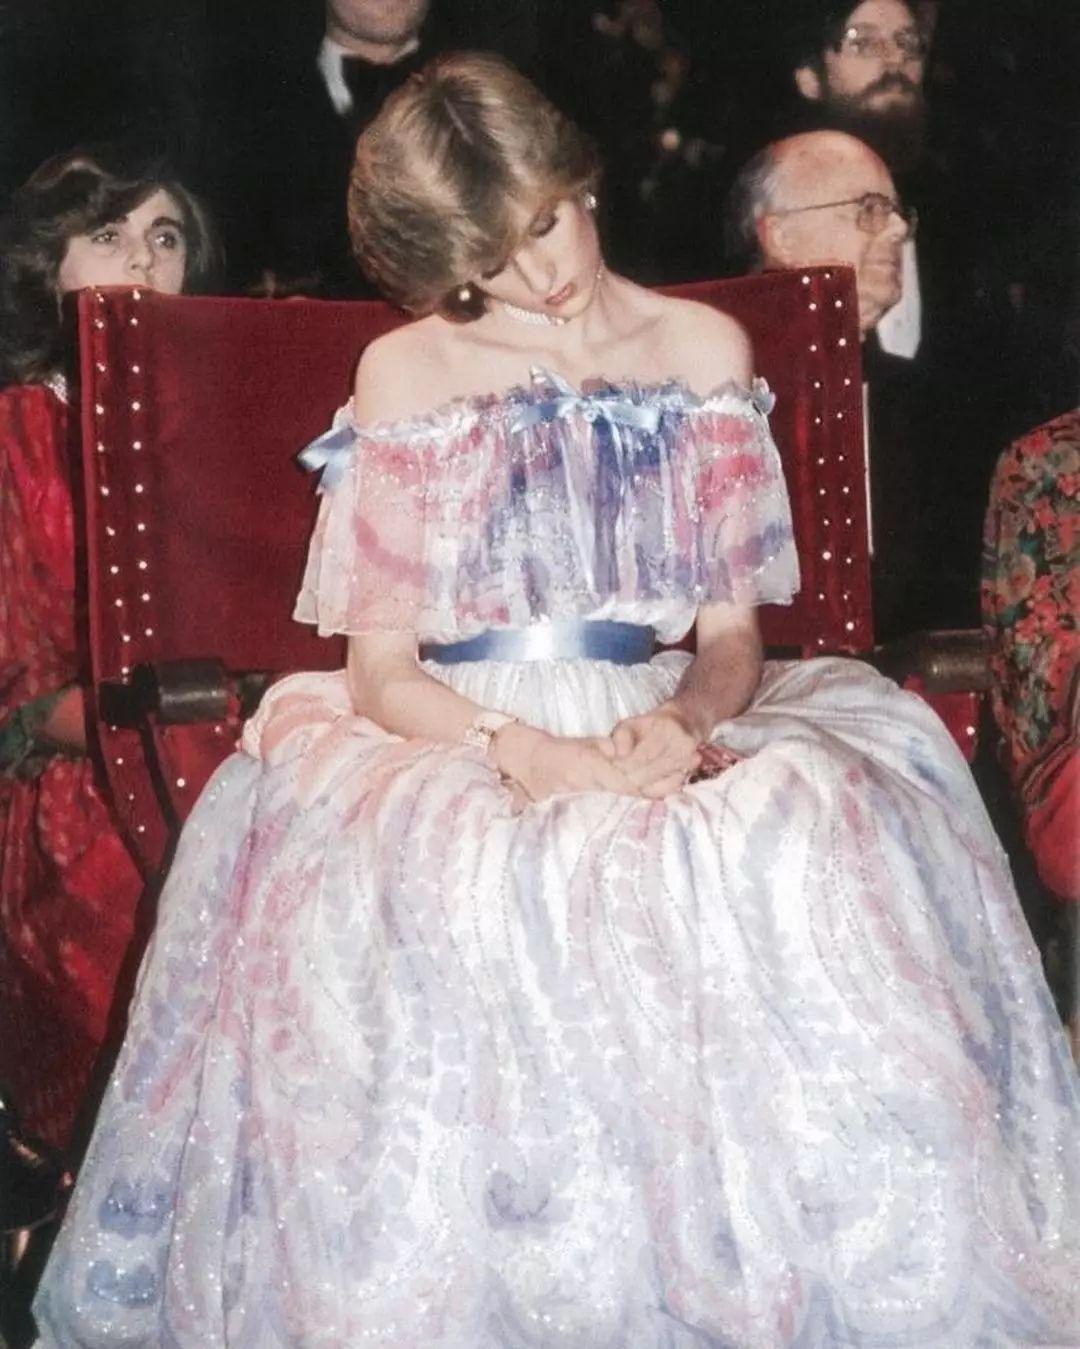 论优雅,很难有女人能比过伊丽莎白二世女王和戴安娜王妃